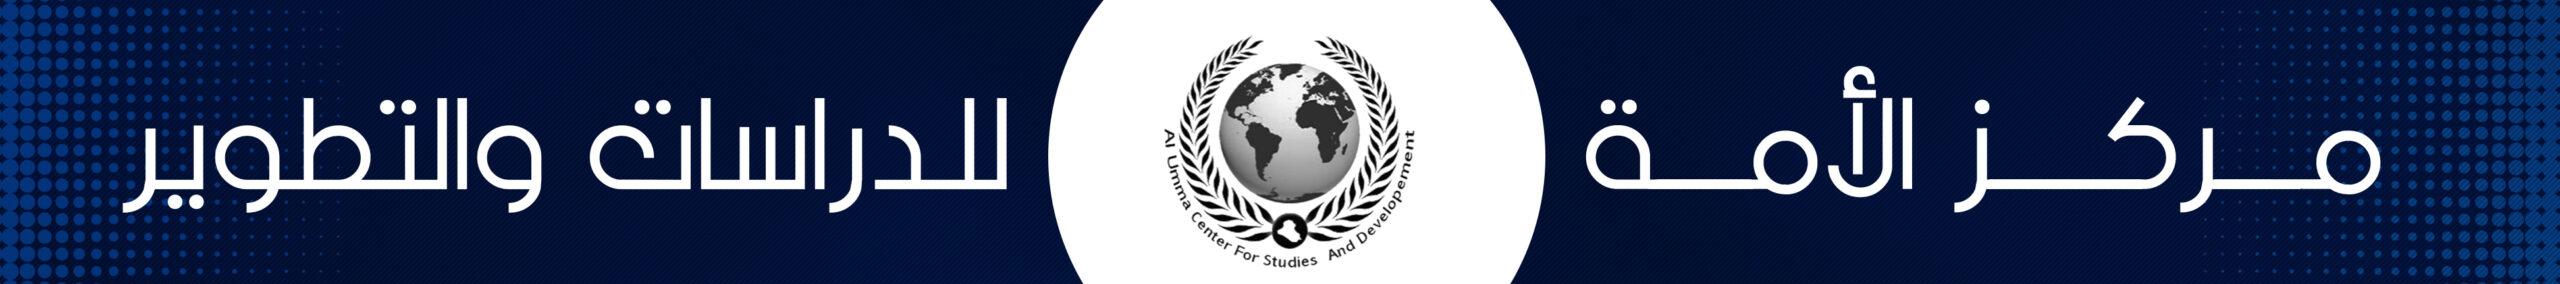 مركز الأمة للدراسات والتطوير